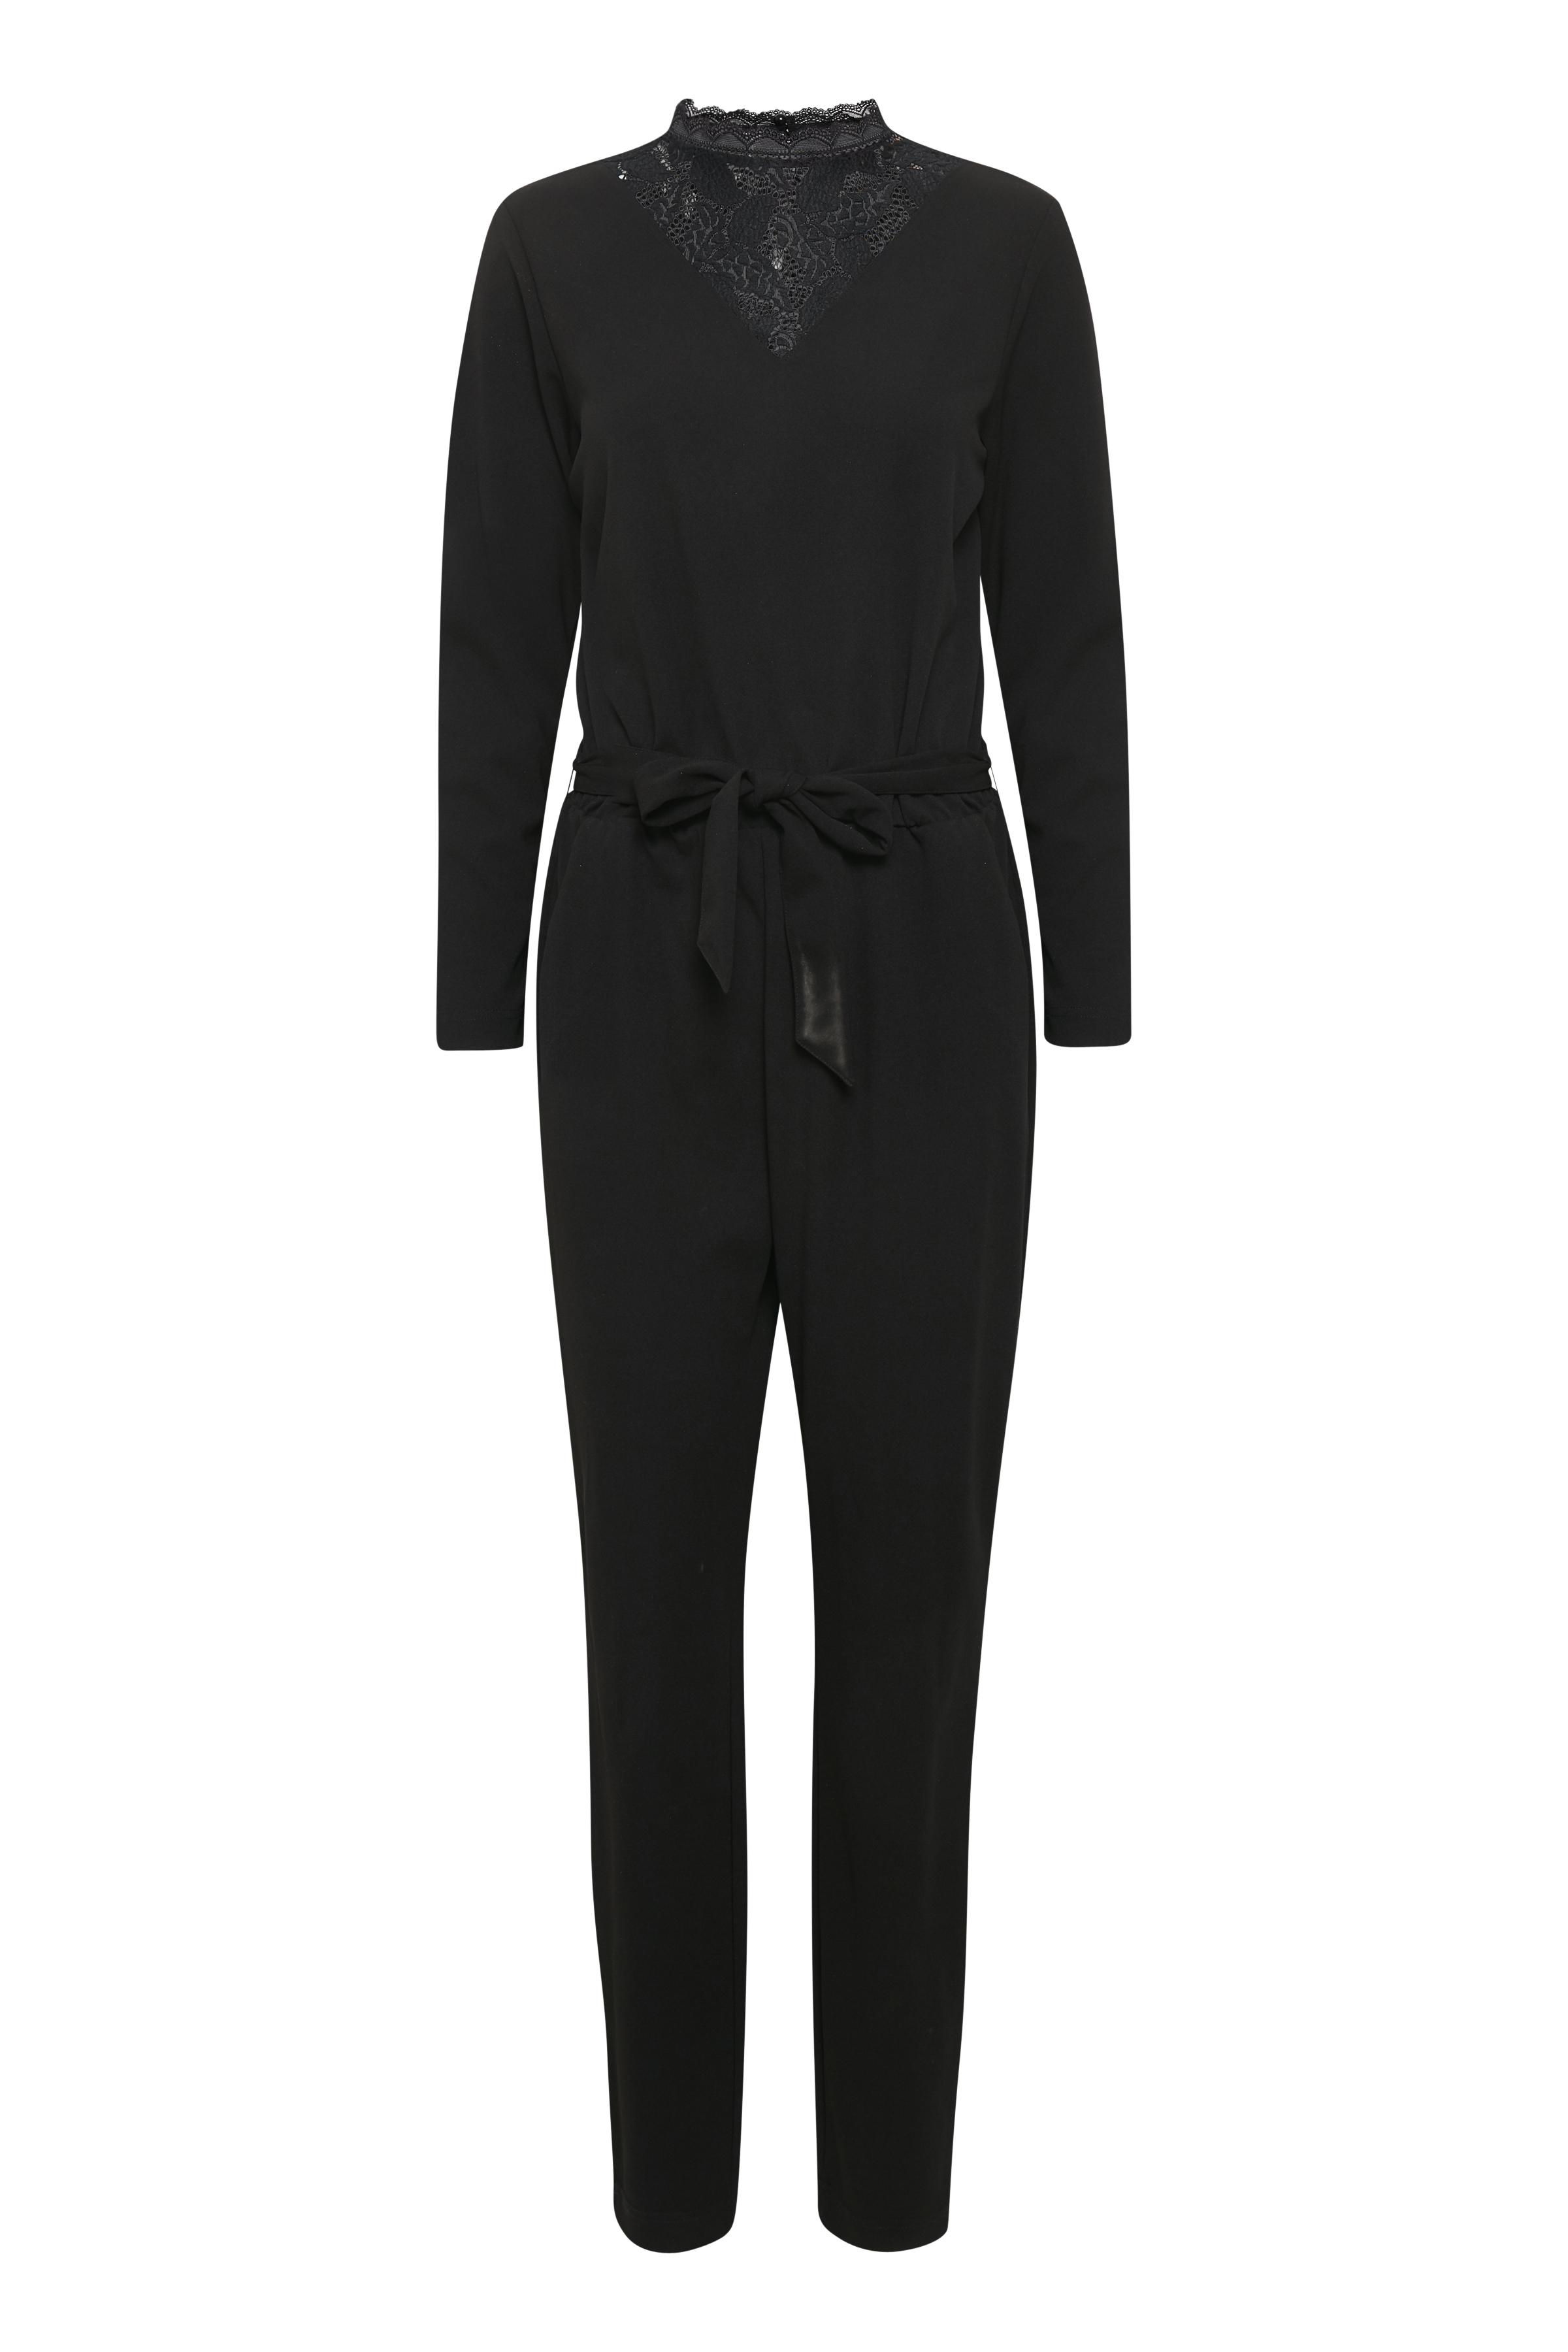 Black Jumpsuit van b.young – Koop Black Jumpsuit hier van size XS-XXL